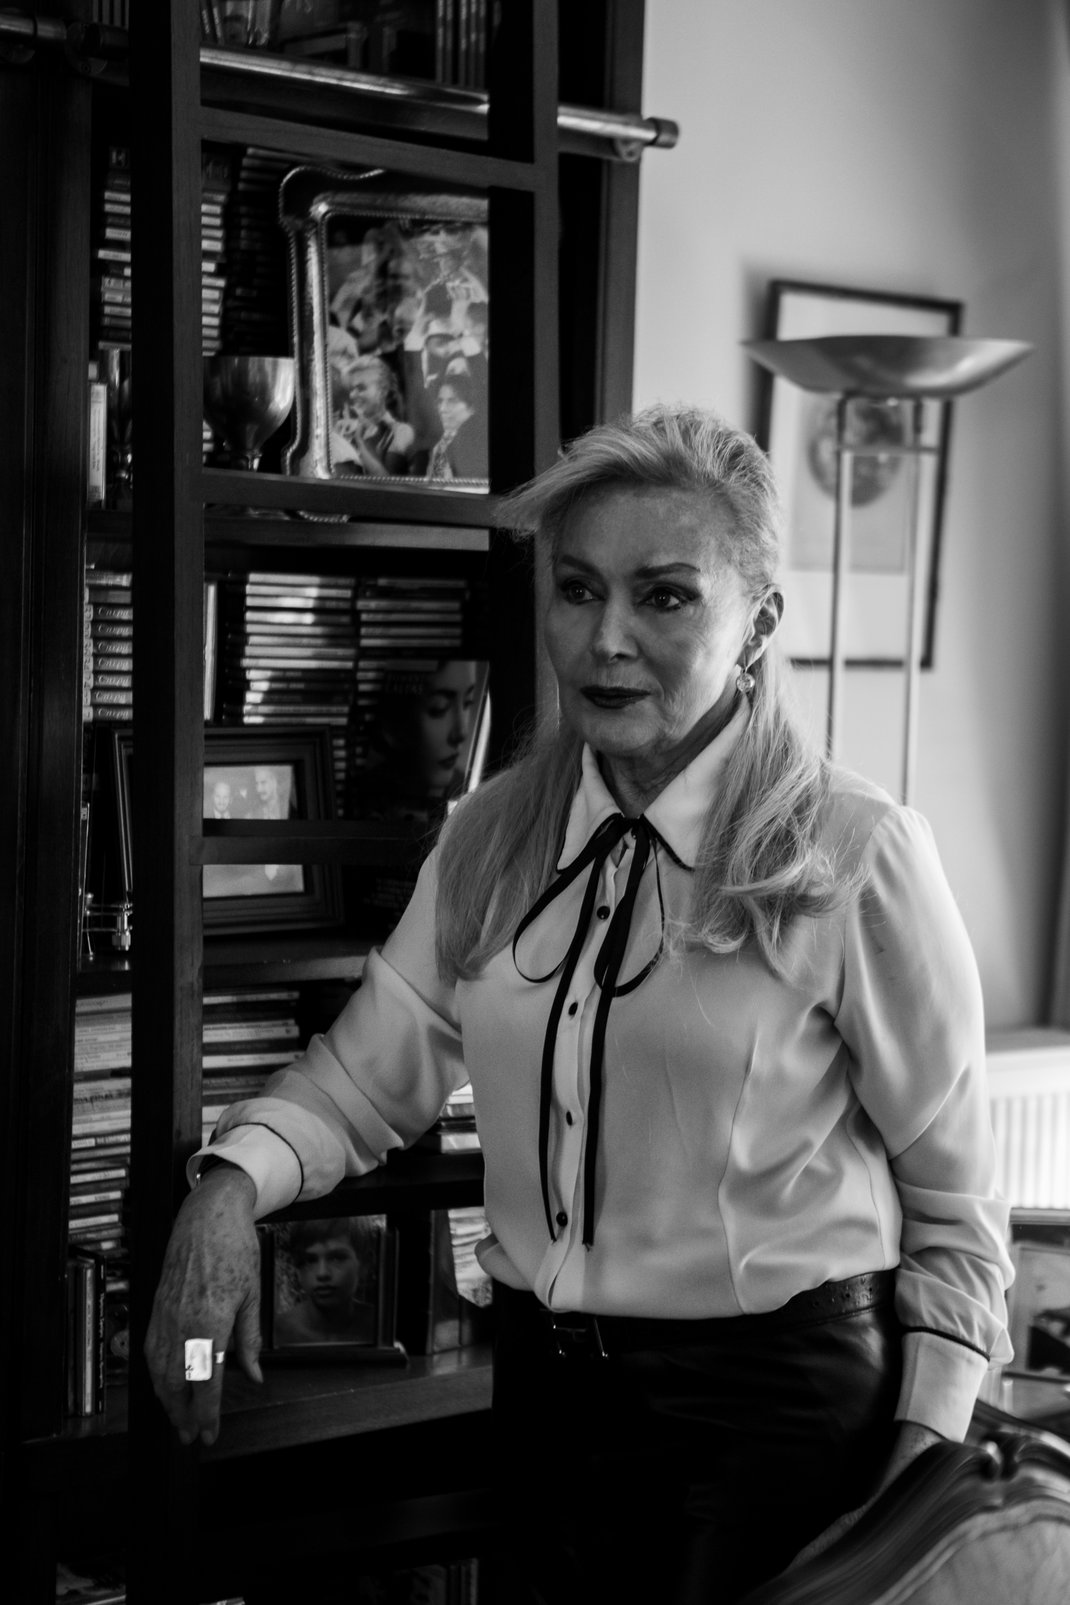 Φωτογραφία: Bovary/Πάνος Μάλλιαρης